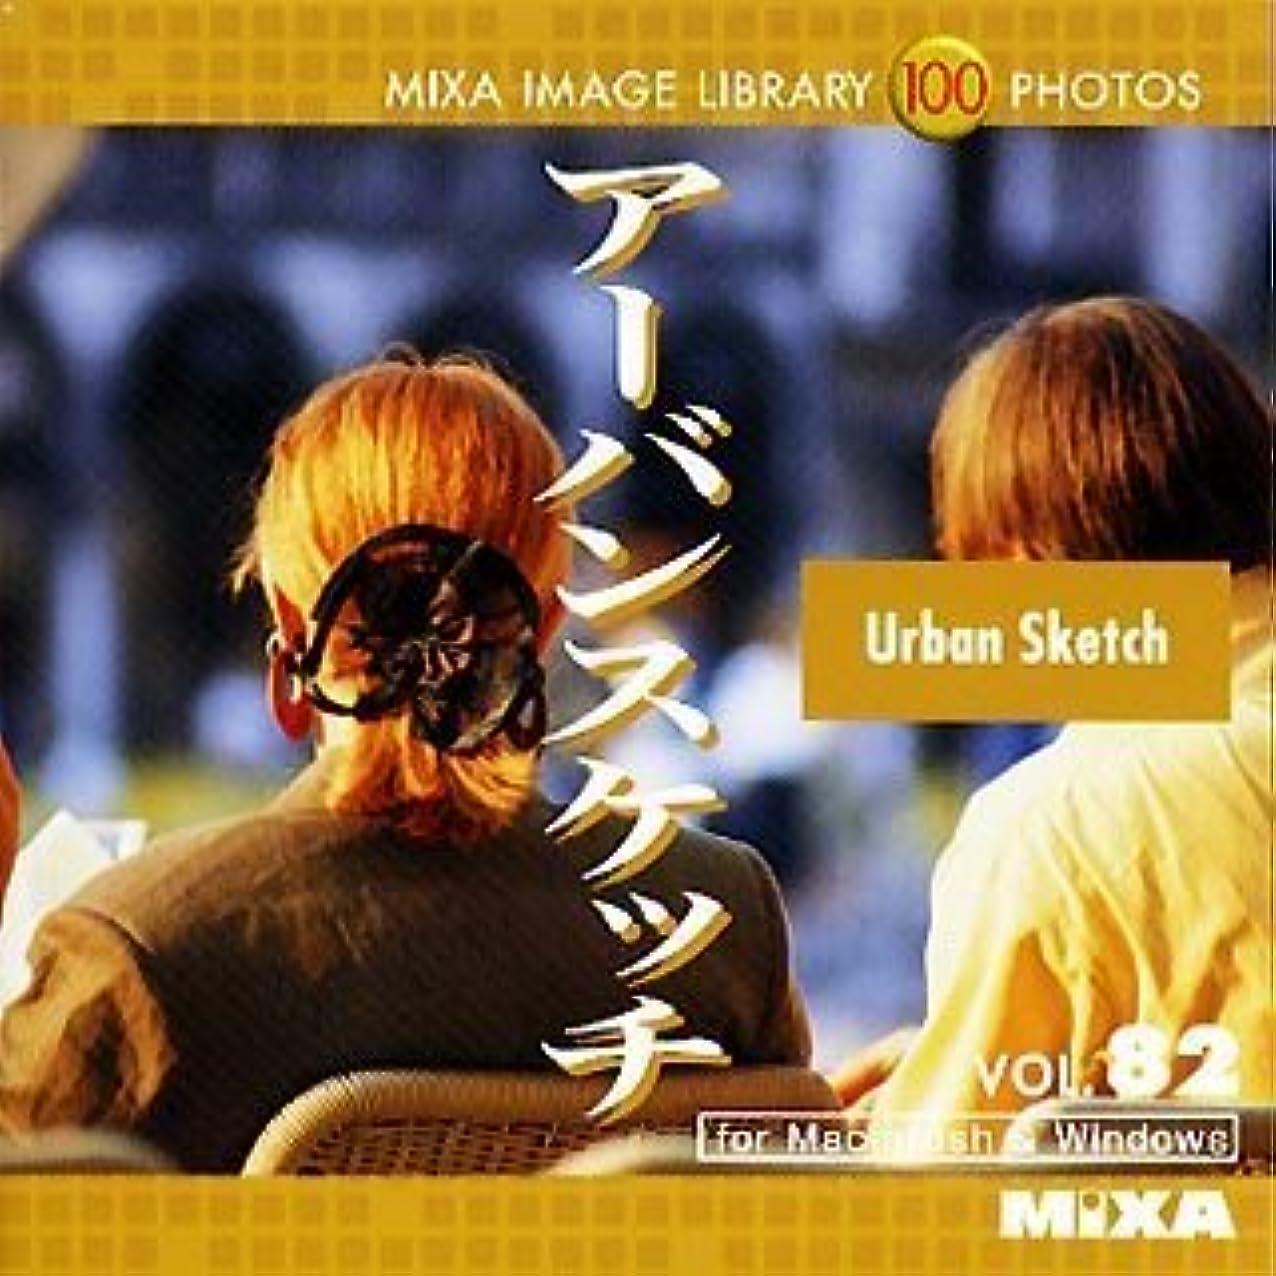 レンディション吹きさらし立派なMIXA IMAGE LIBRARY Vol.82 アーバンスケッチ